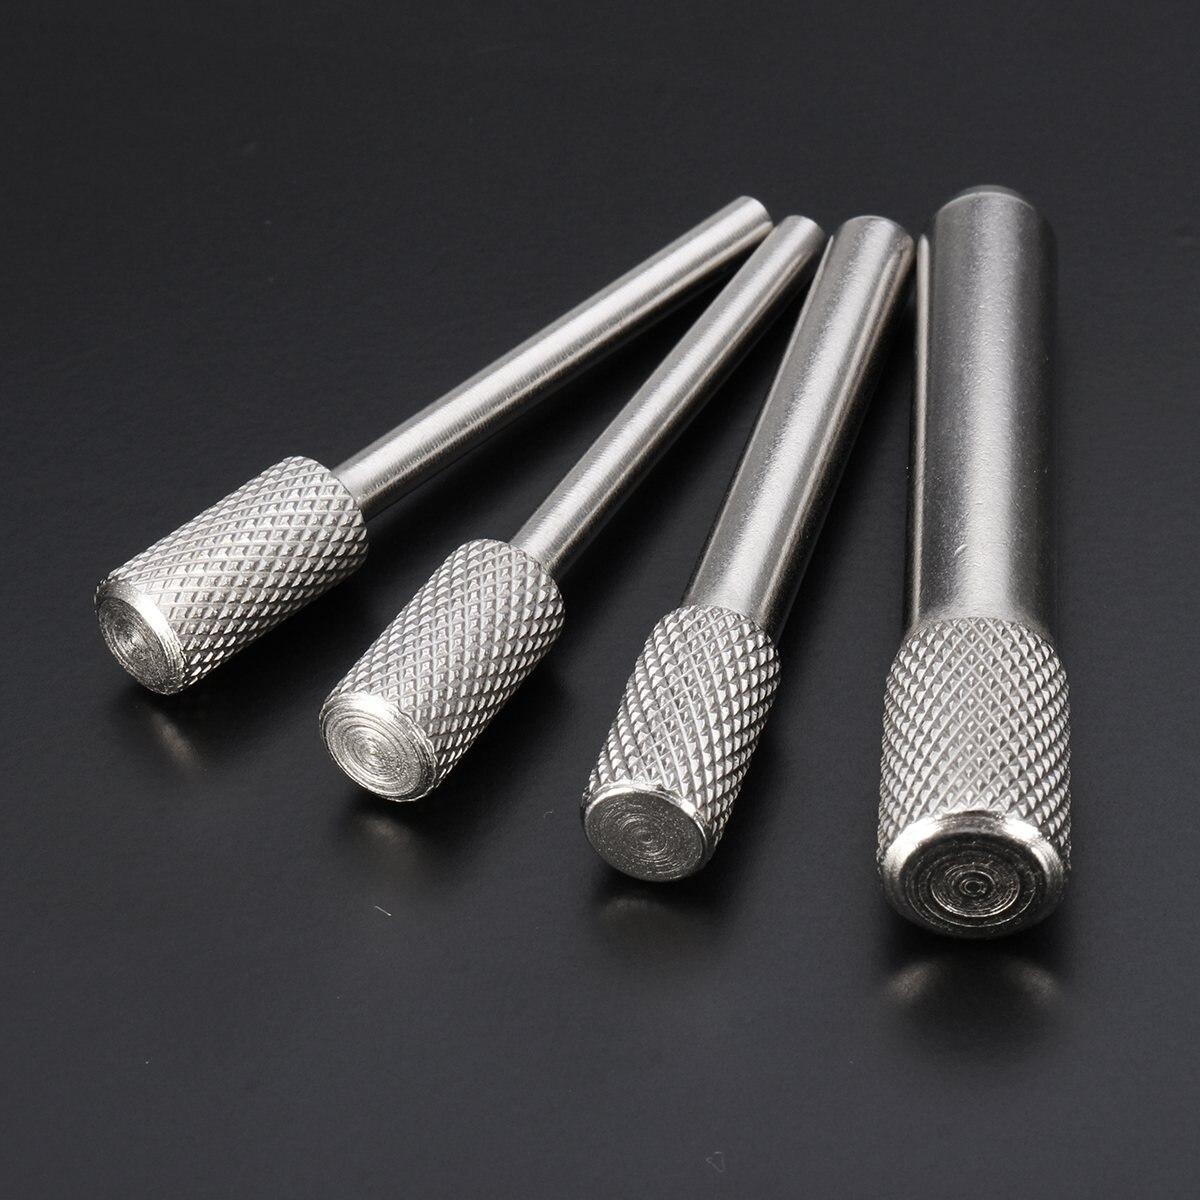 4 шт. Двигатели для автомобиля сроки инструмент блокировки Шпильки комплект для Citroen/Peugeot/Ford/VOLVO/Mazda/Suzuki